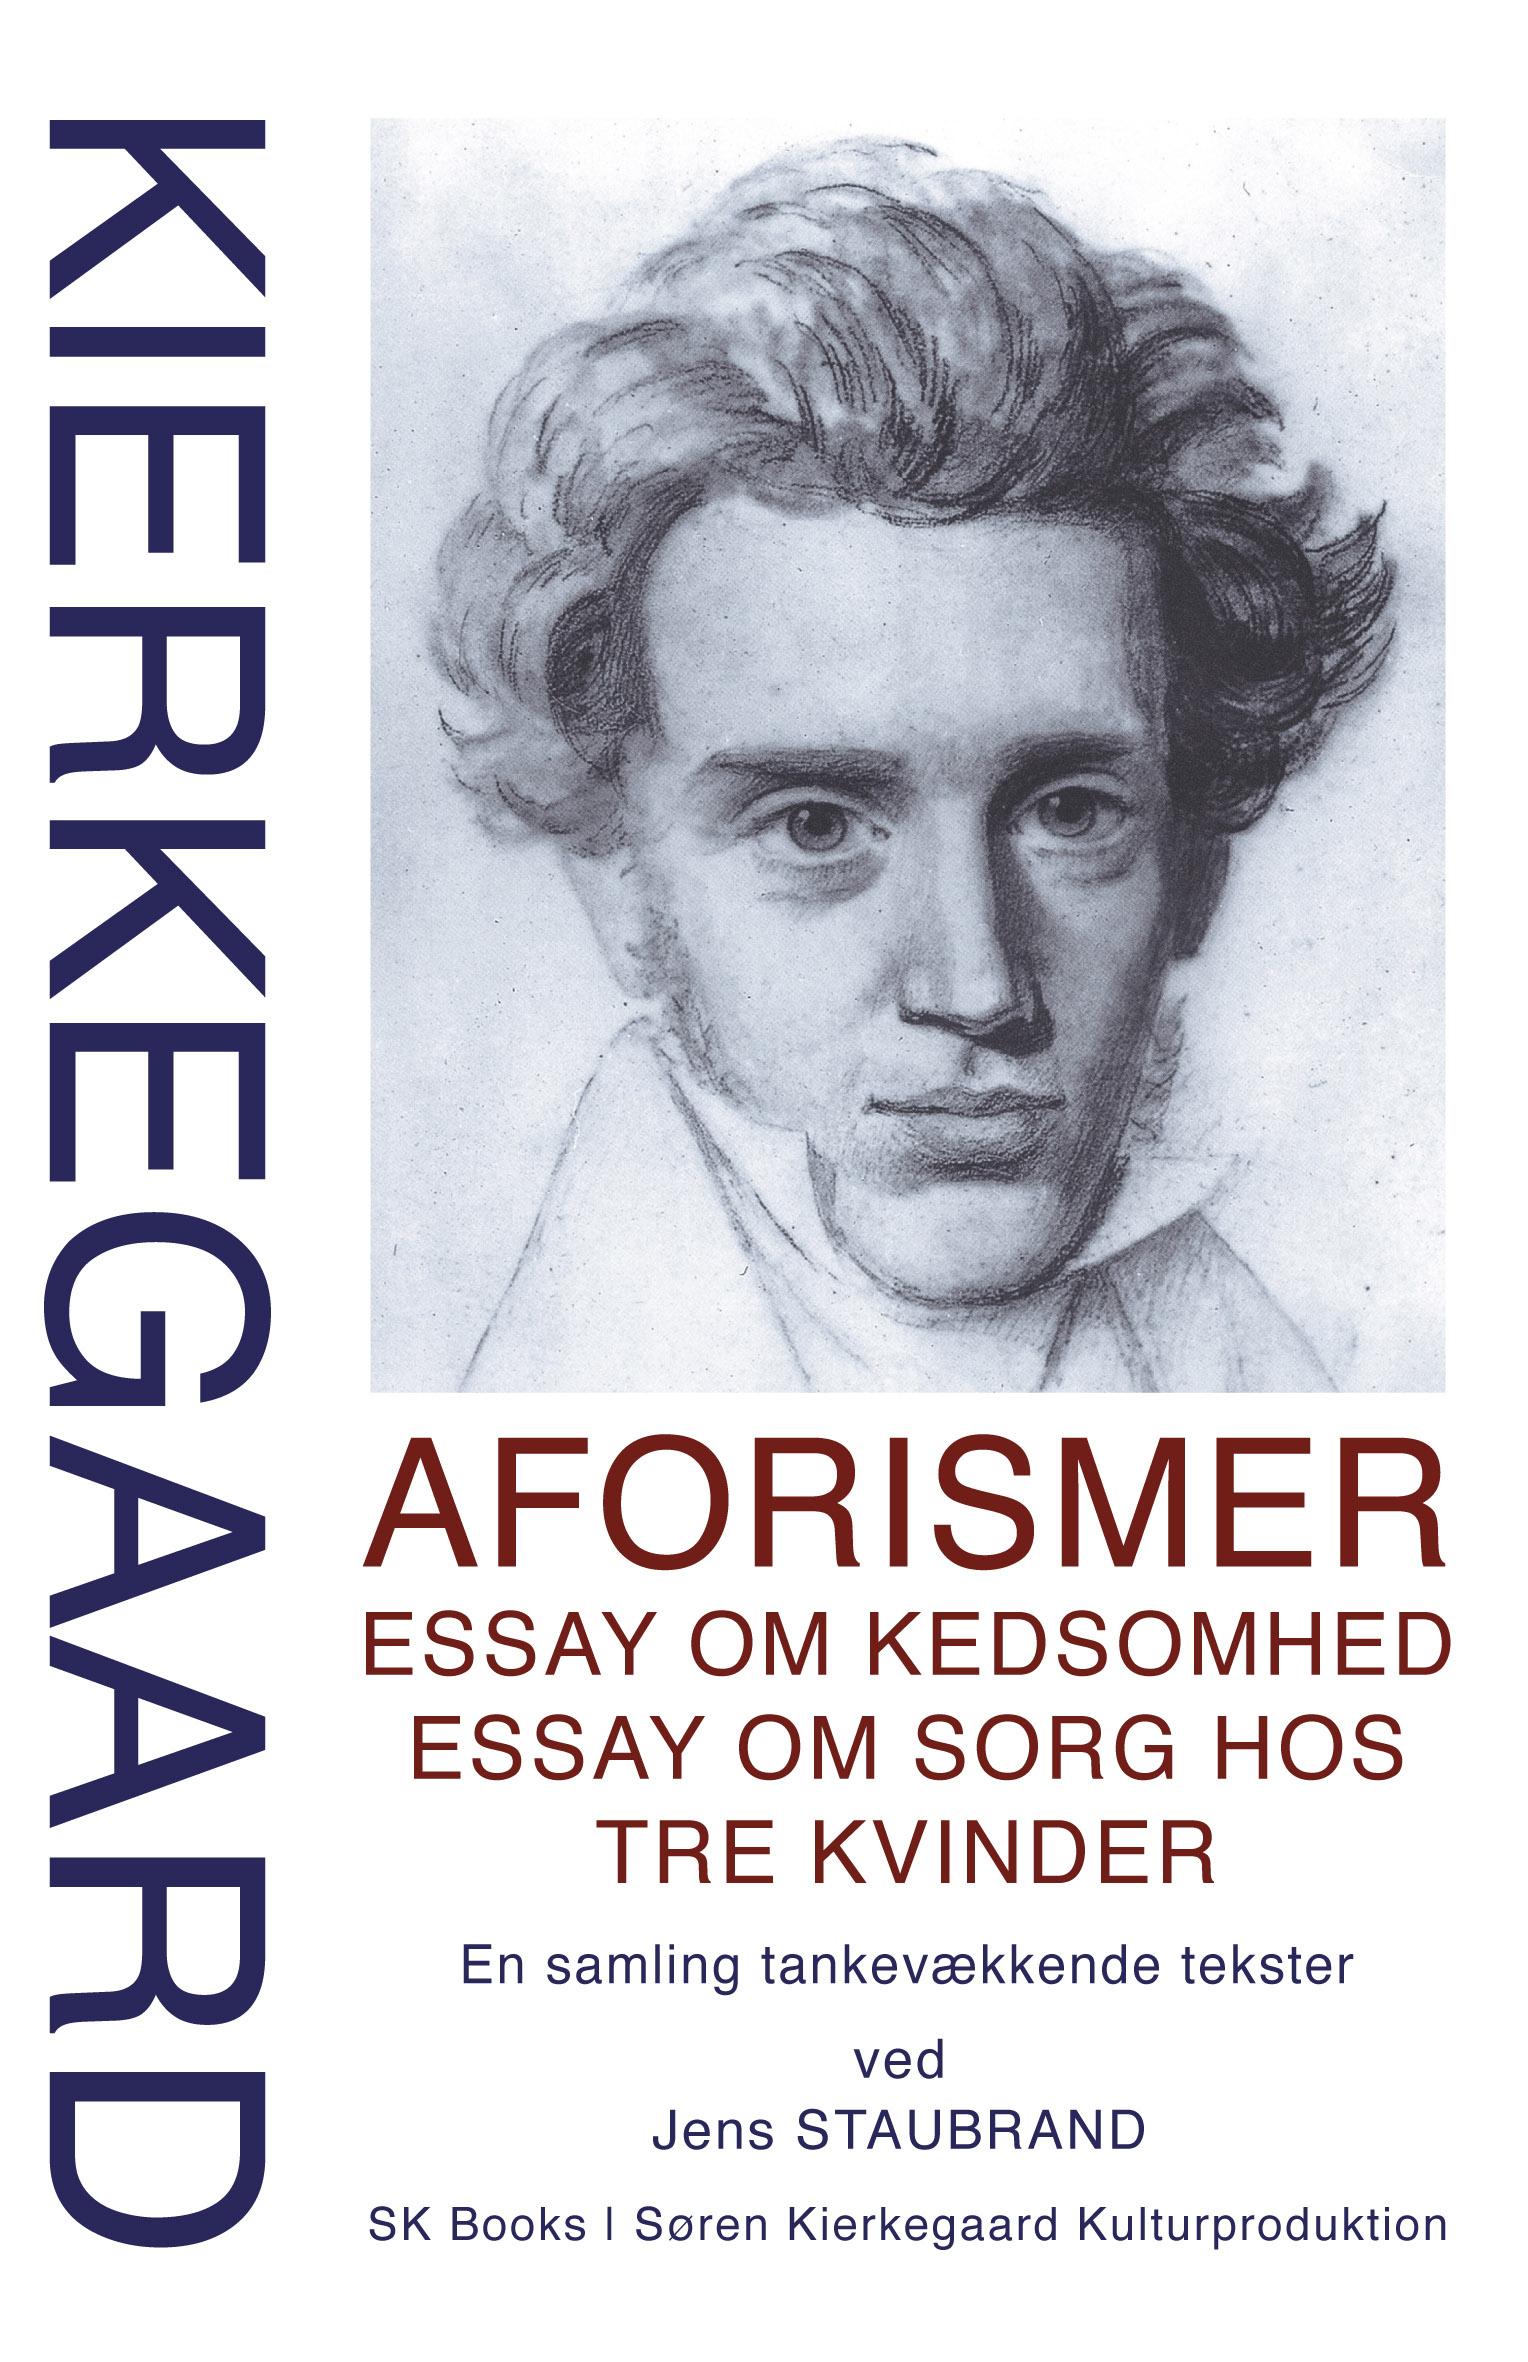 KIERKEGAARD Aforismer, Essay om kedsomhed, Essay om sorg hos  tre kvinder, ved Jens Staubrand